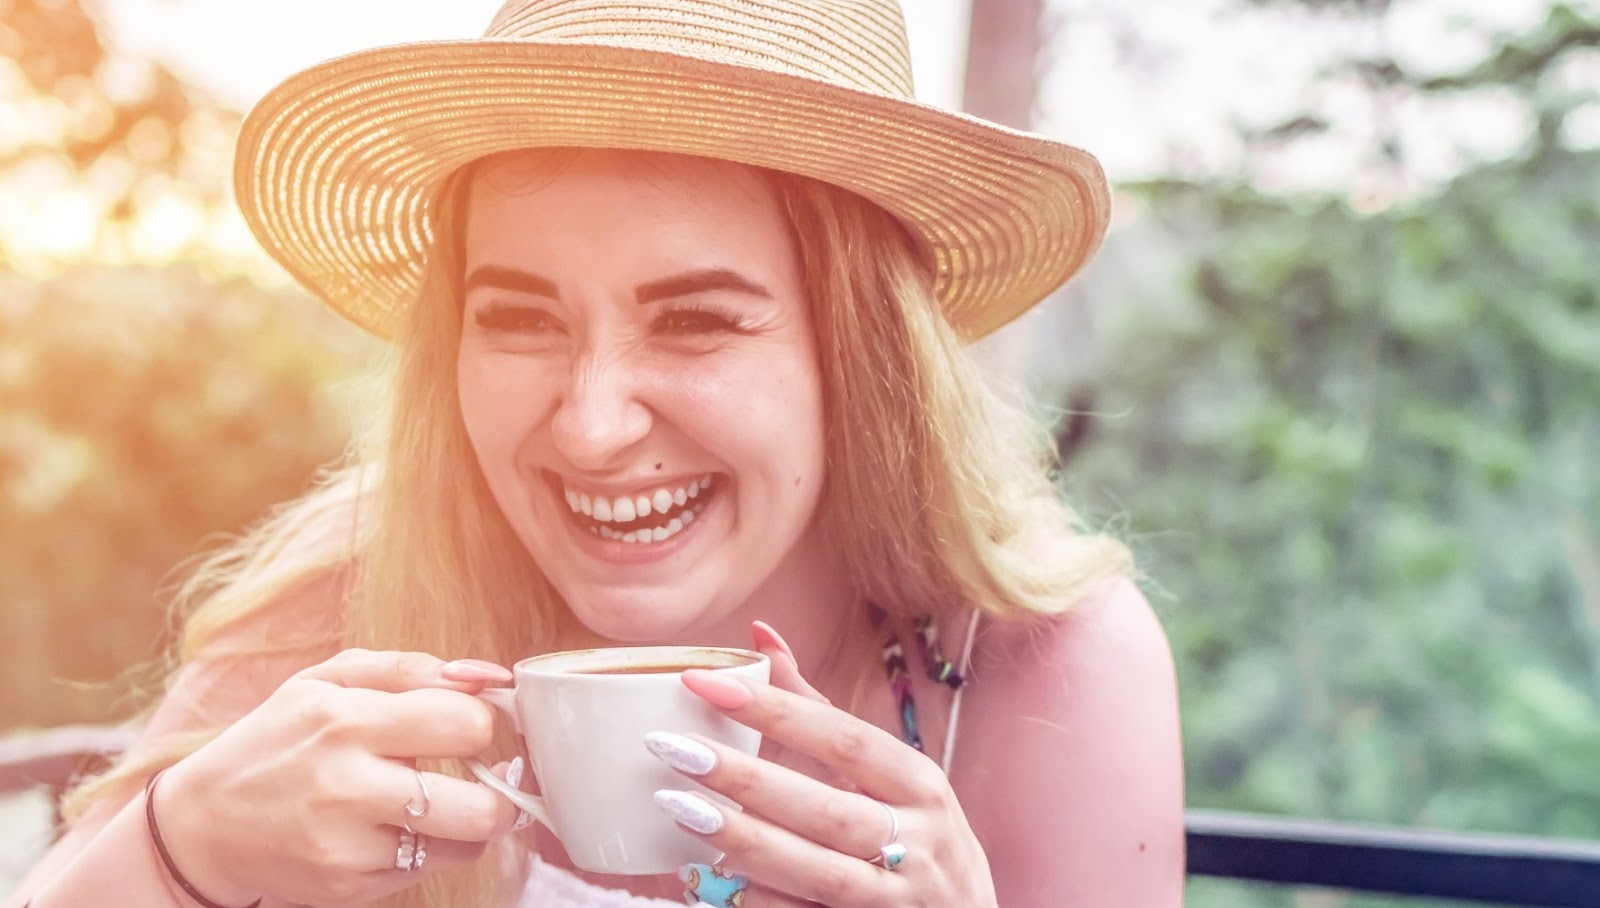 Manfaat kopi hitam bagi wajah